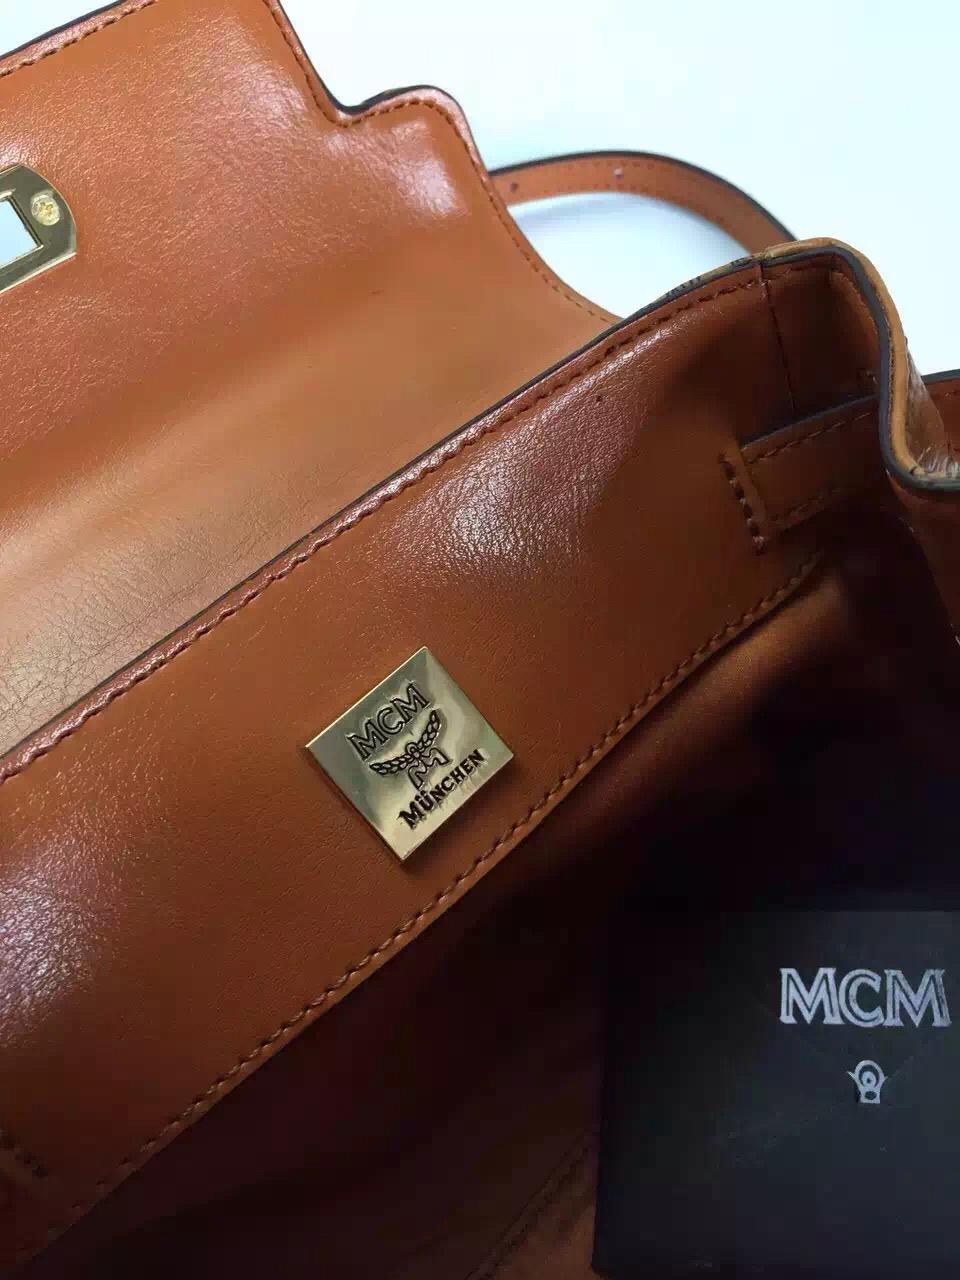 诚招代理 MCM专柜mini Kelly包 纯手工铆钉 一件代发